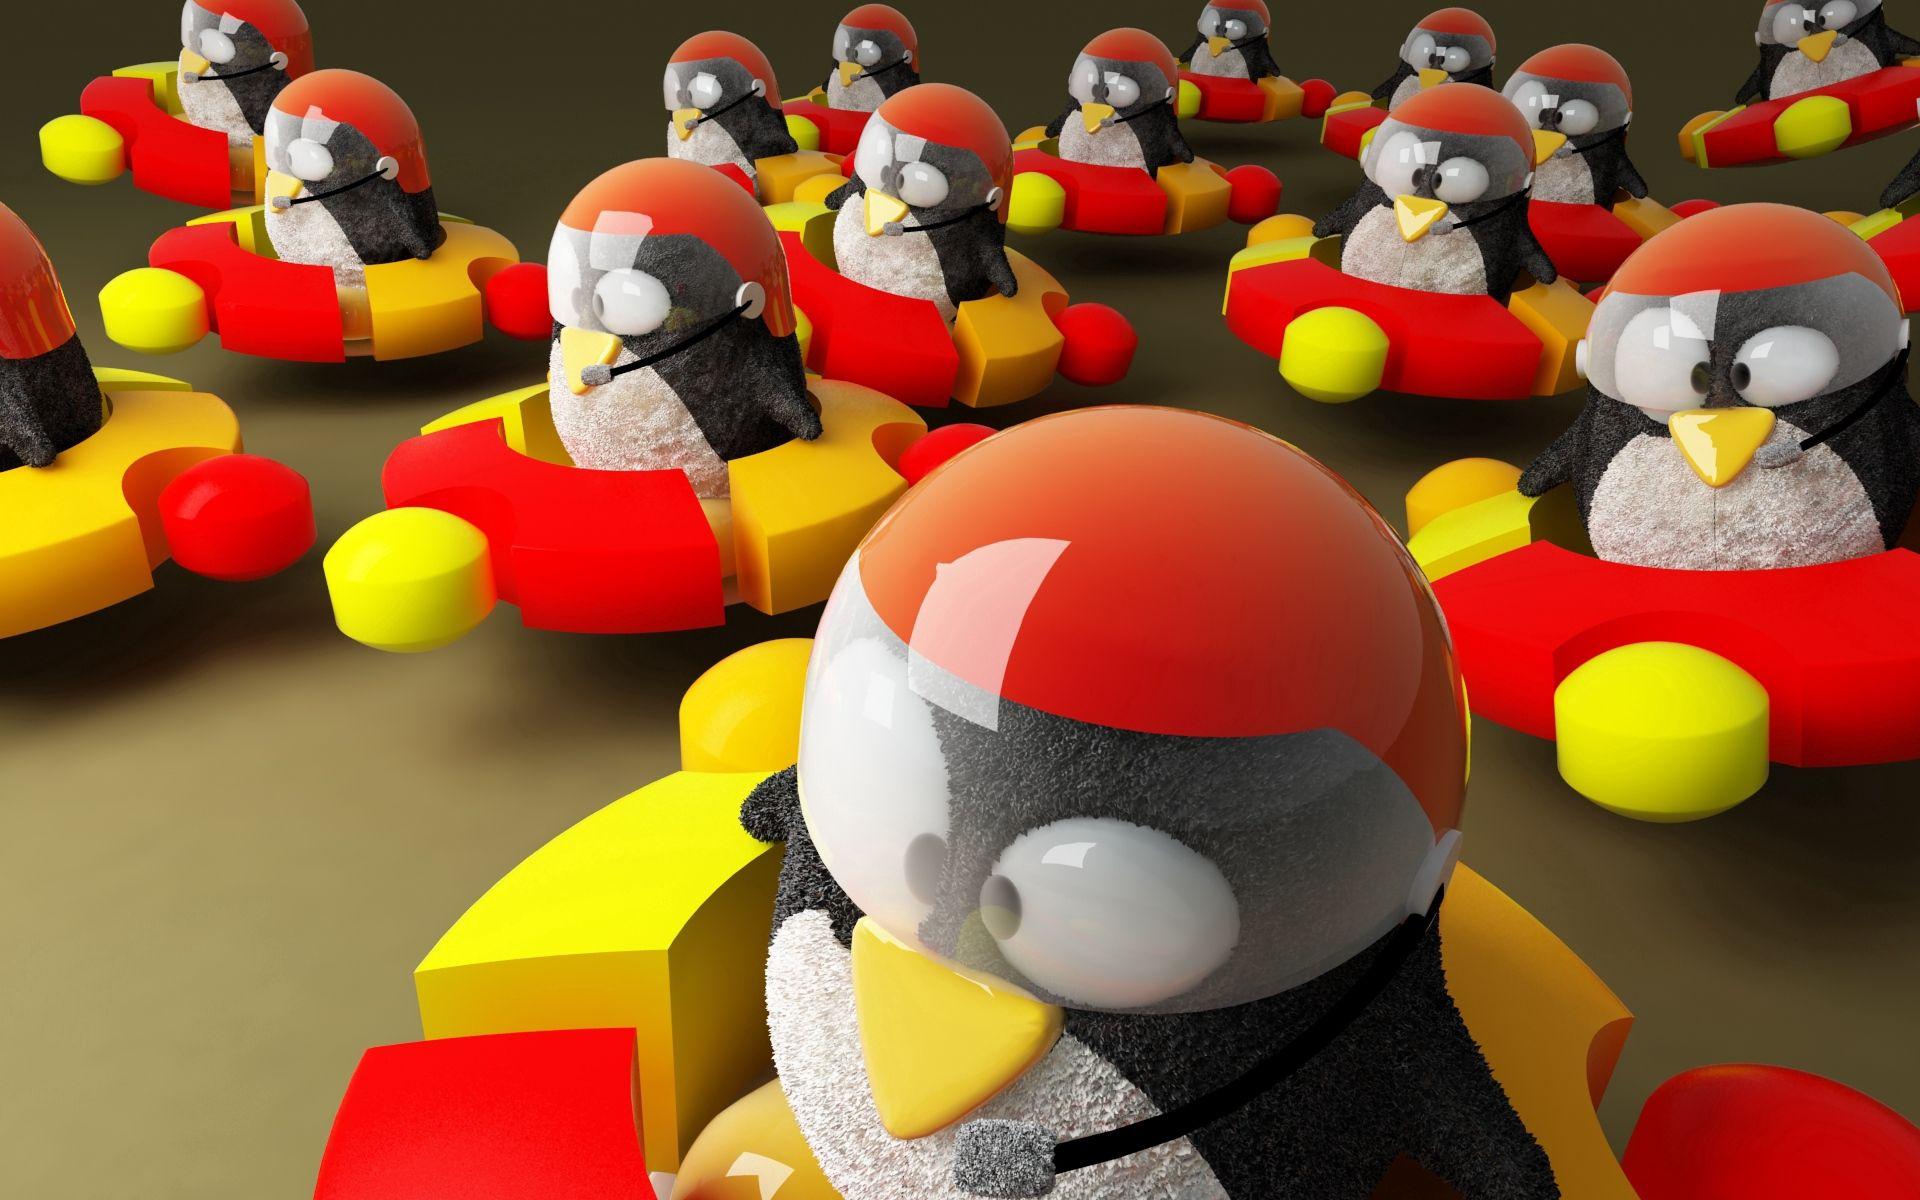 112902壁紙のダウンロード3D, Ubuntu, ウブントゥ, ロゴ, ロゴタイプ, ブランド名, ブランド, ハイテク, ペンギン-スクリーンセーバーと写真を無料で